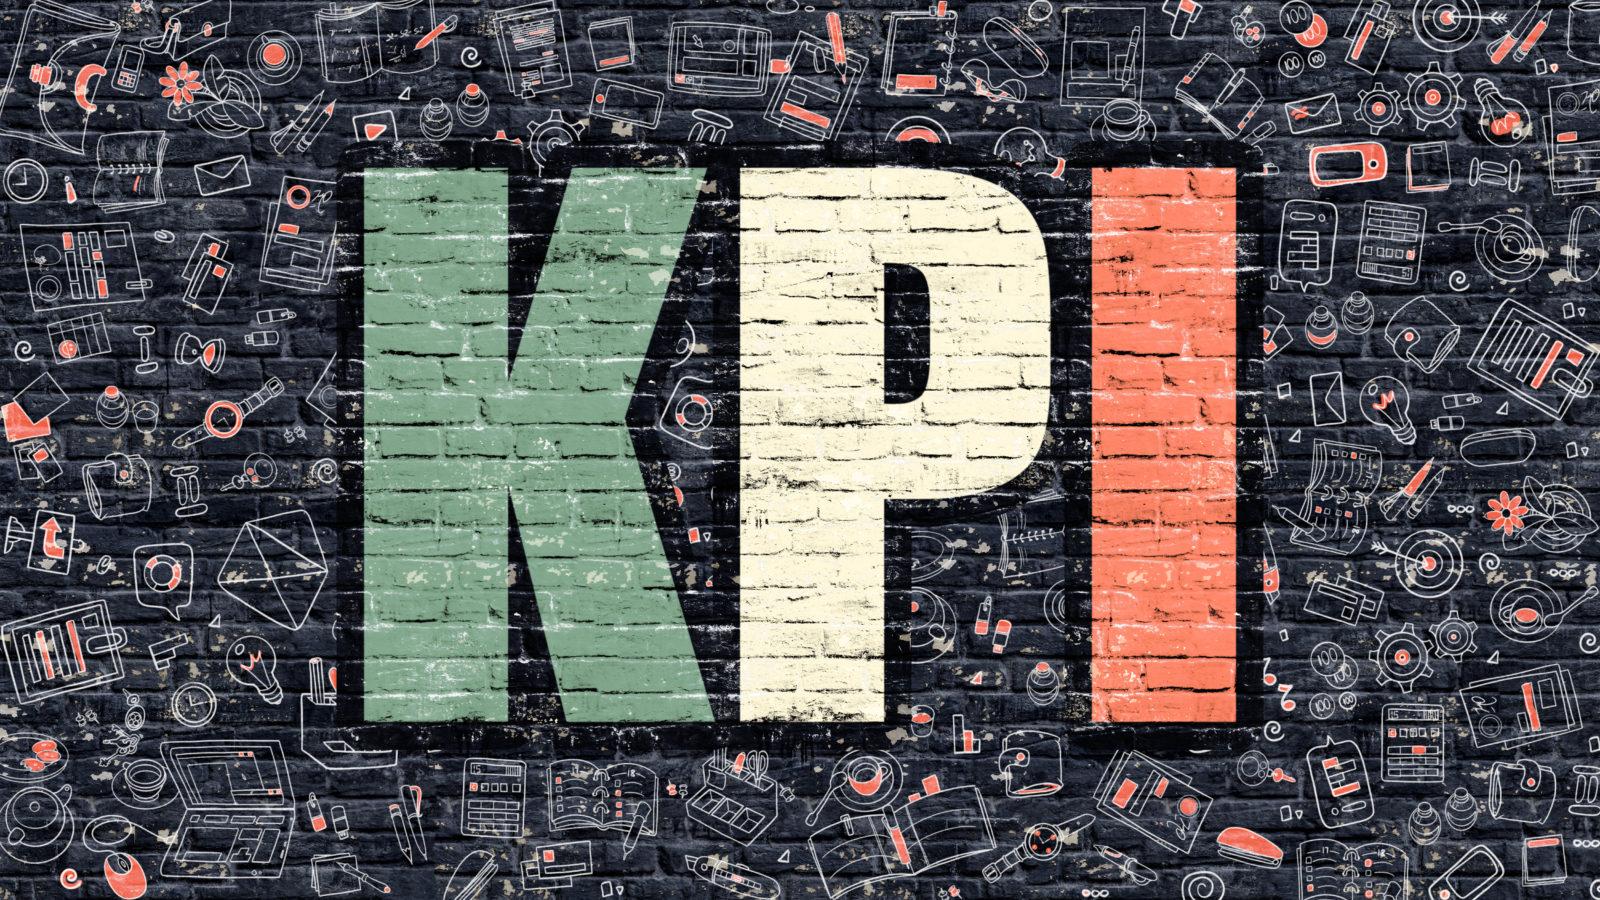 kpi-training-1600x900